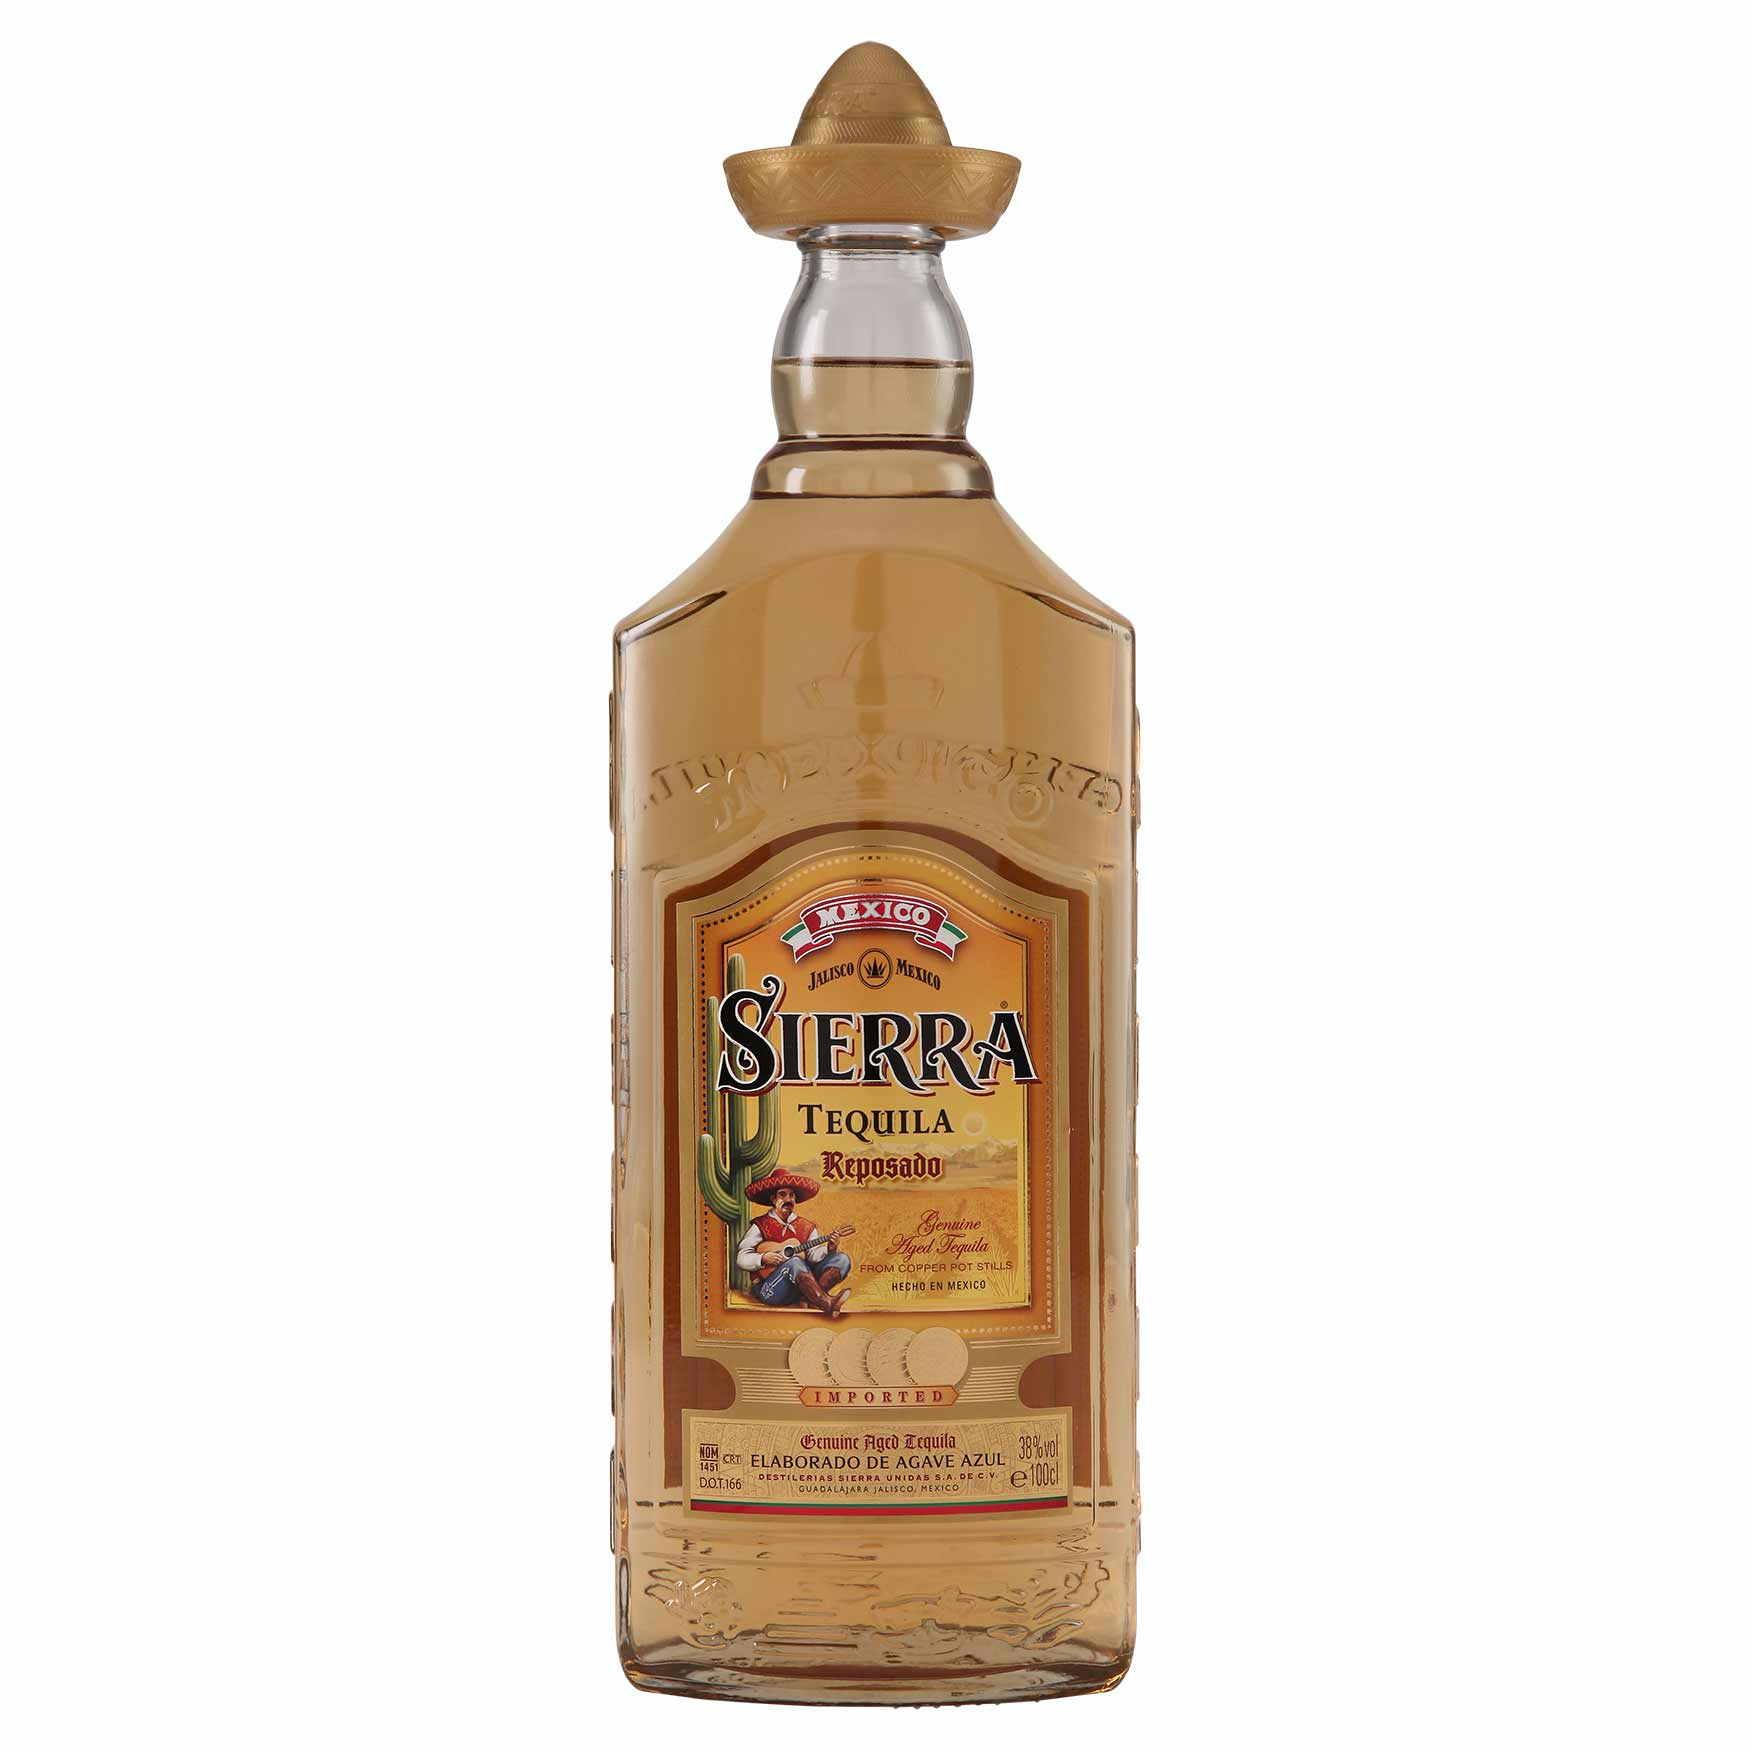 Текила sierra (сиерра): описание, отзывы, стоимость